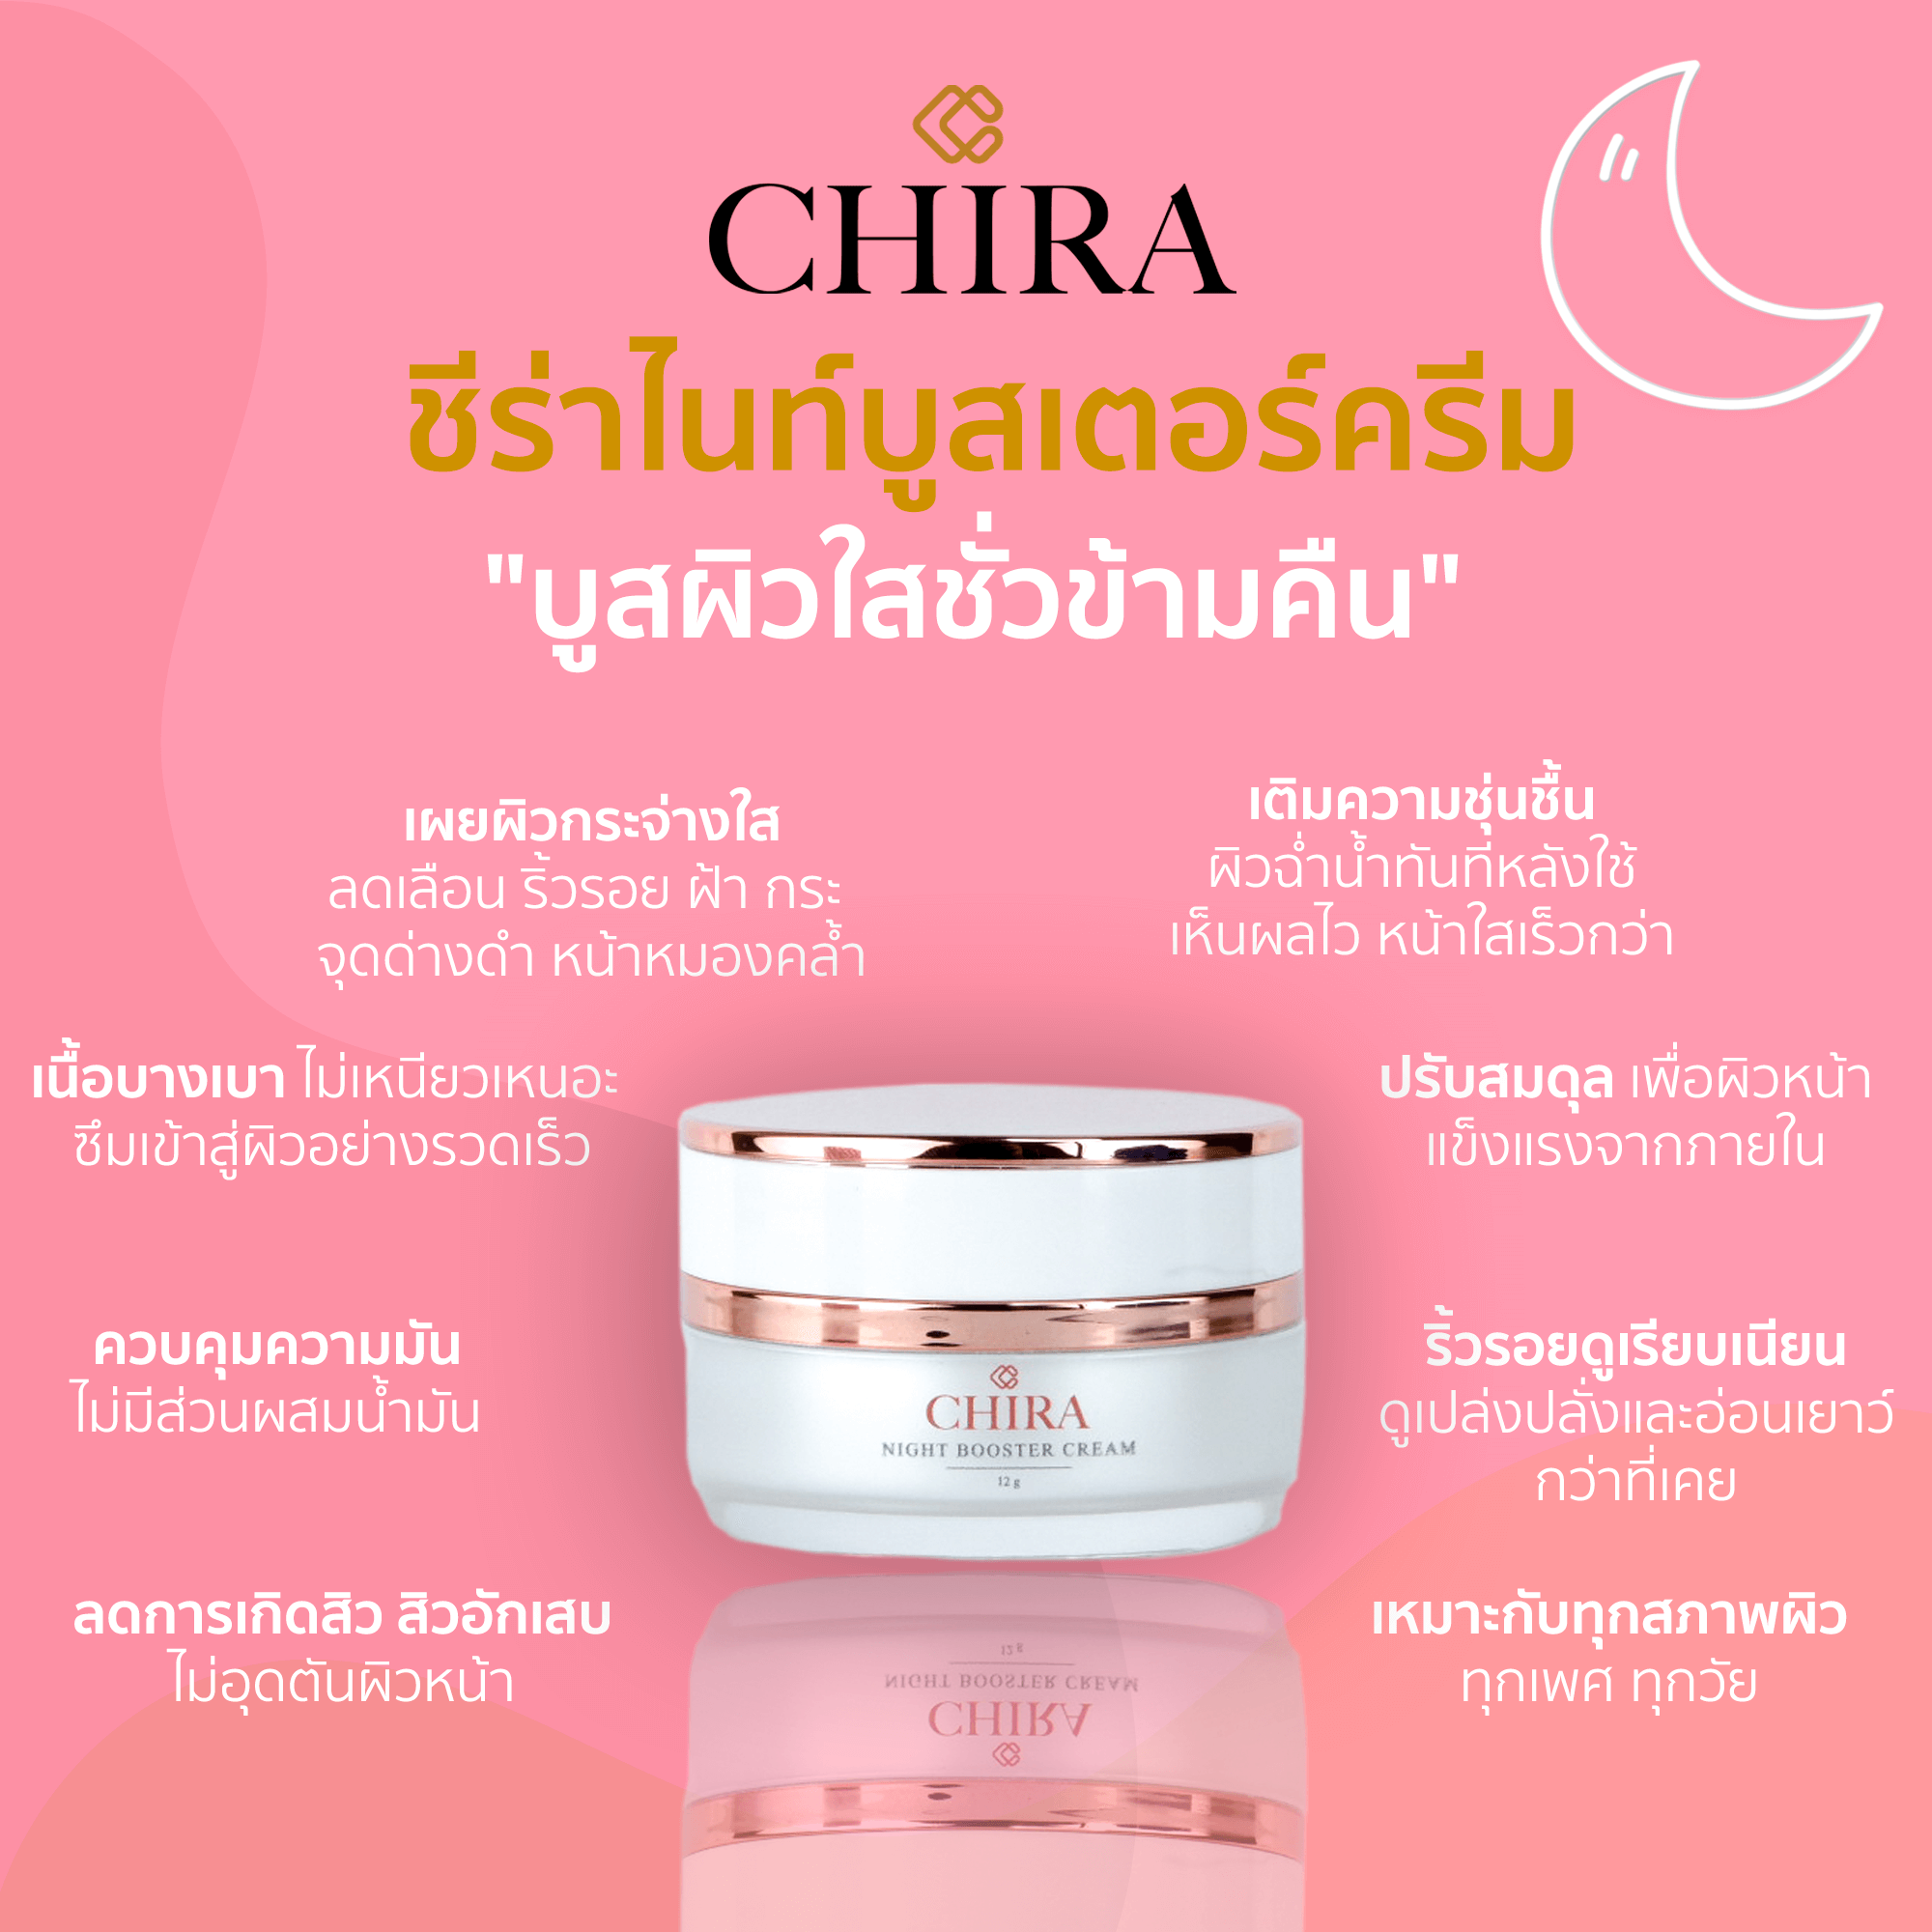 CHIRA-Cream-ที่สุดของการบำรุงผิวหน้า